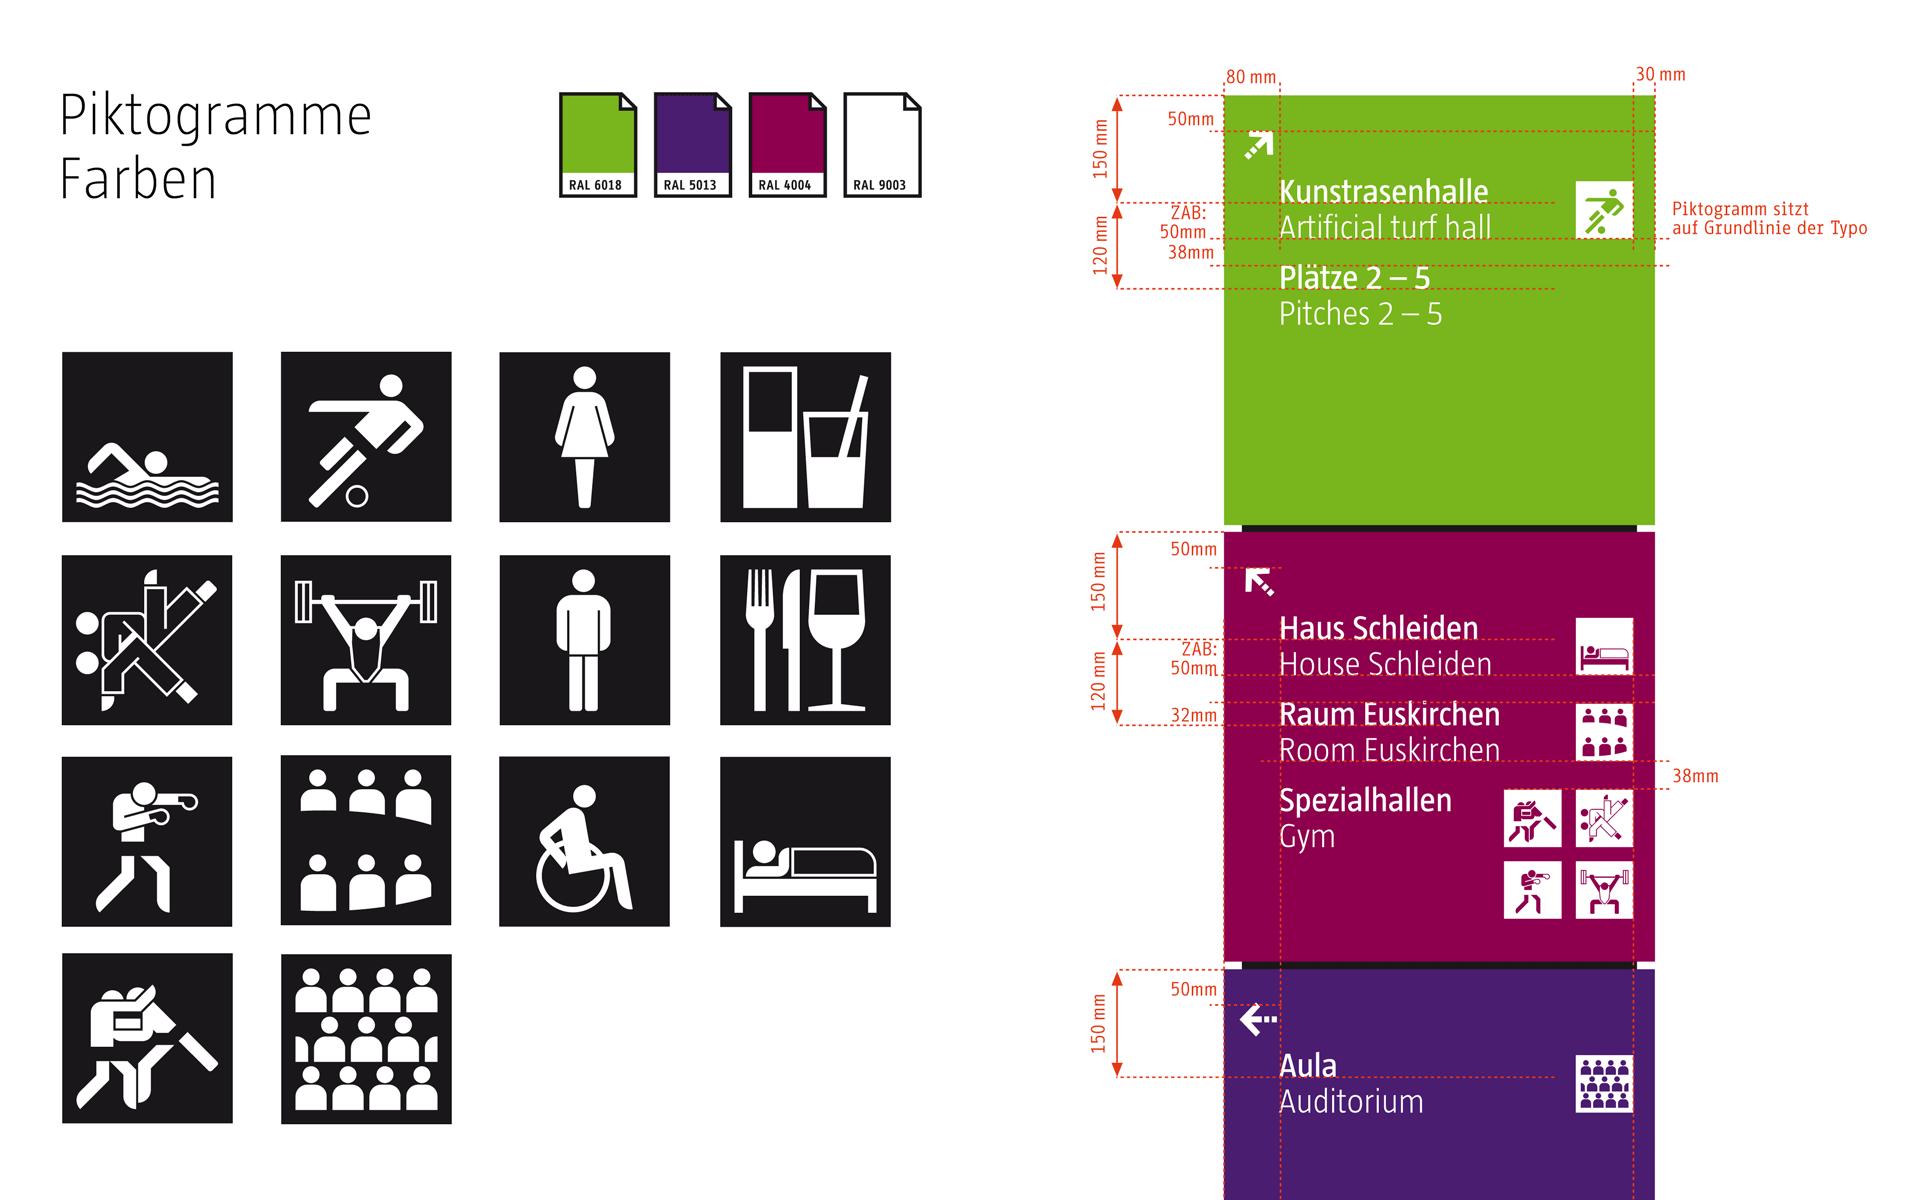 Sportschule-Hennef Orientierungssystem, Piktogramme, Typografie und Vermassung